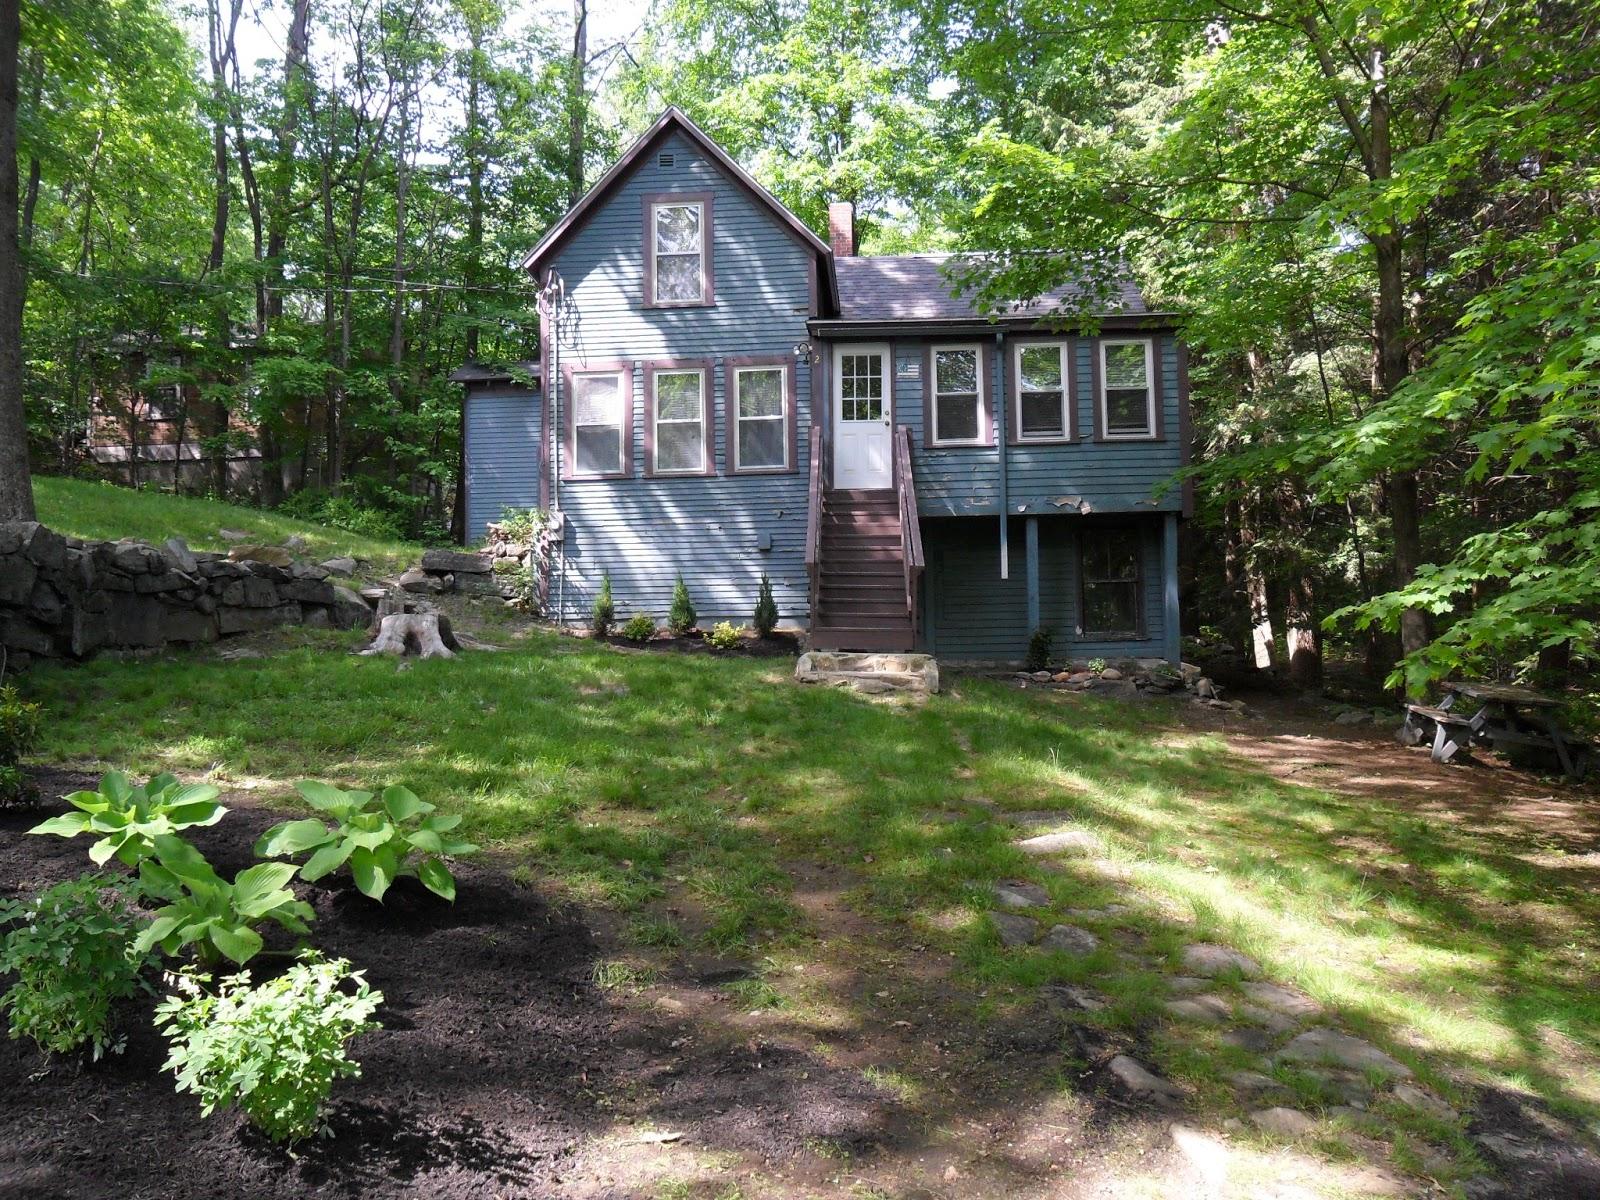 Loft cottage choosing exterior paint colors for the cabin - Cottage paint colors exterior set ...